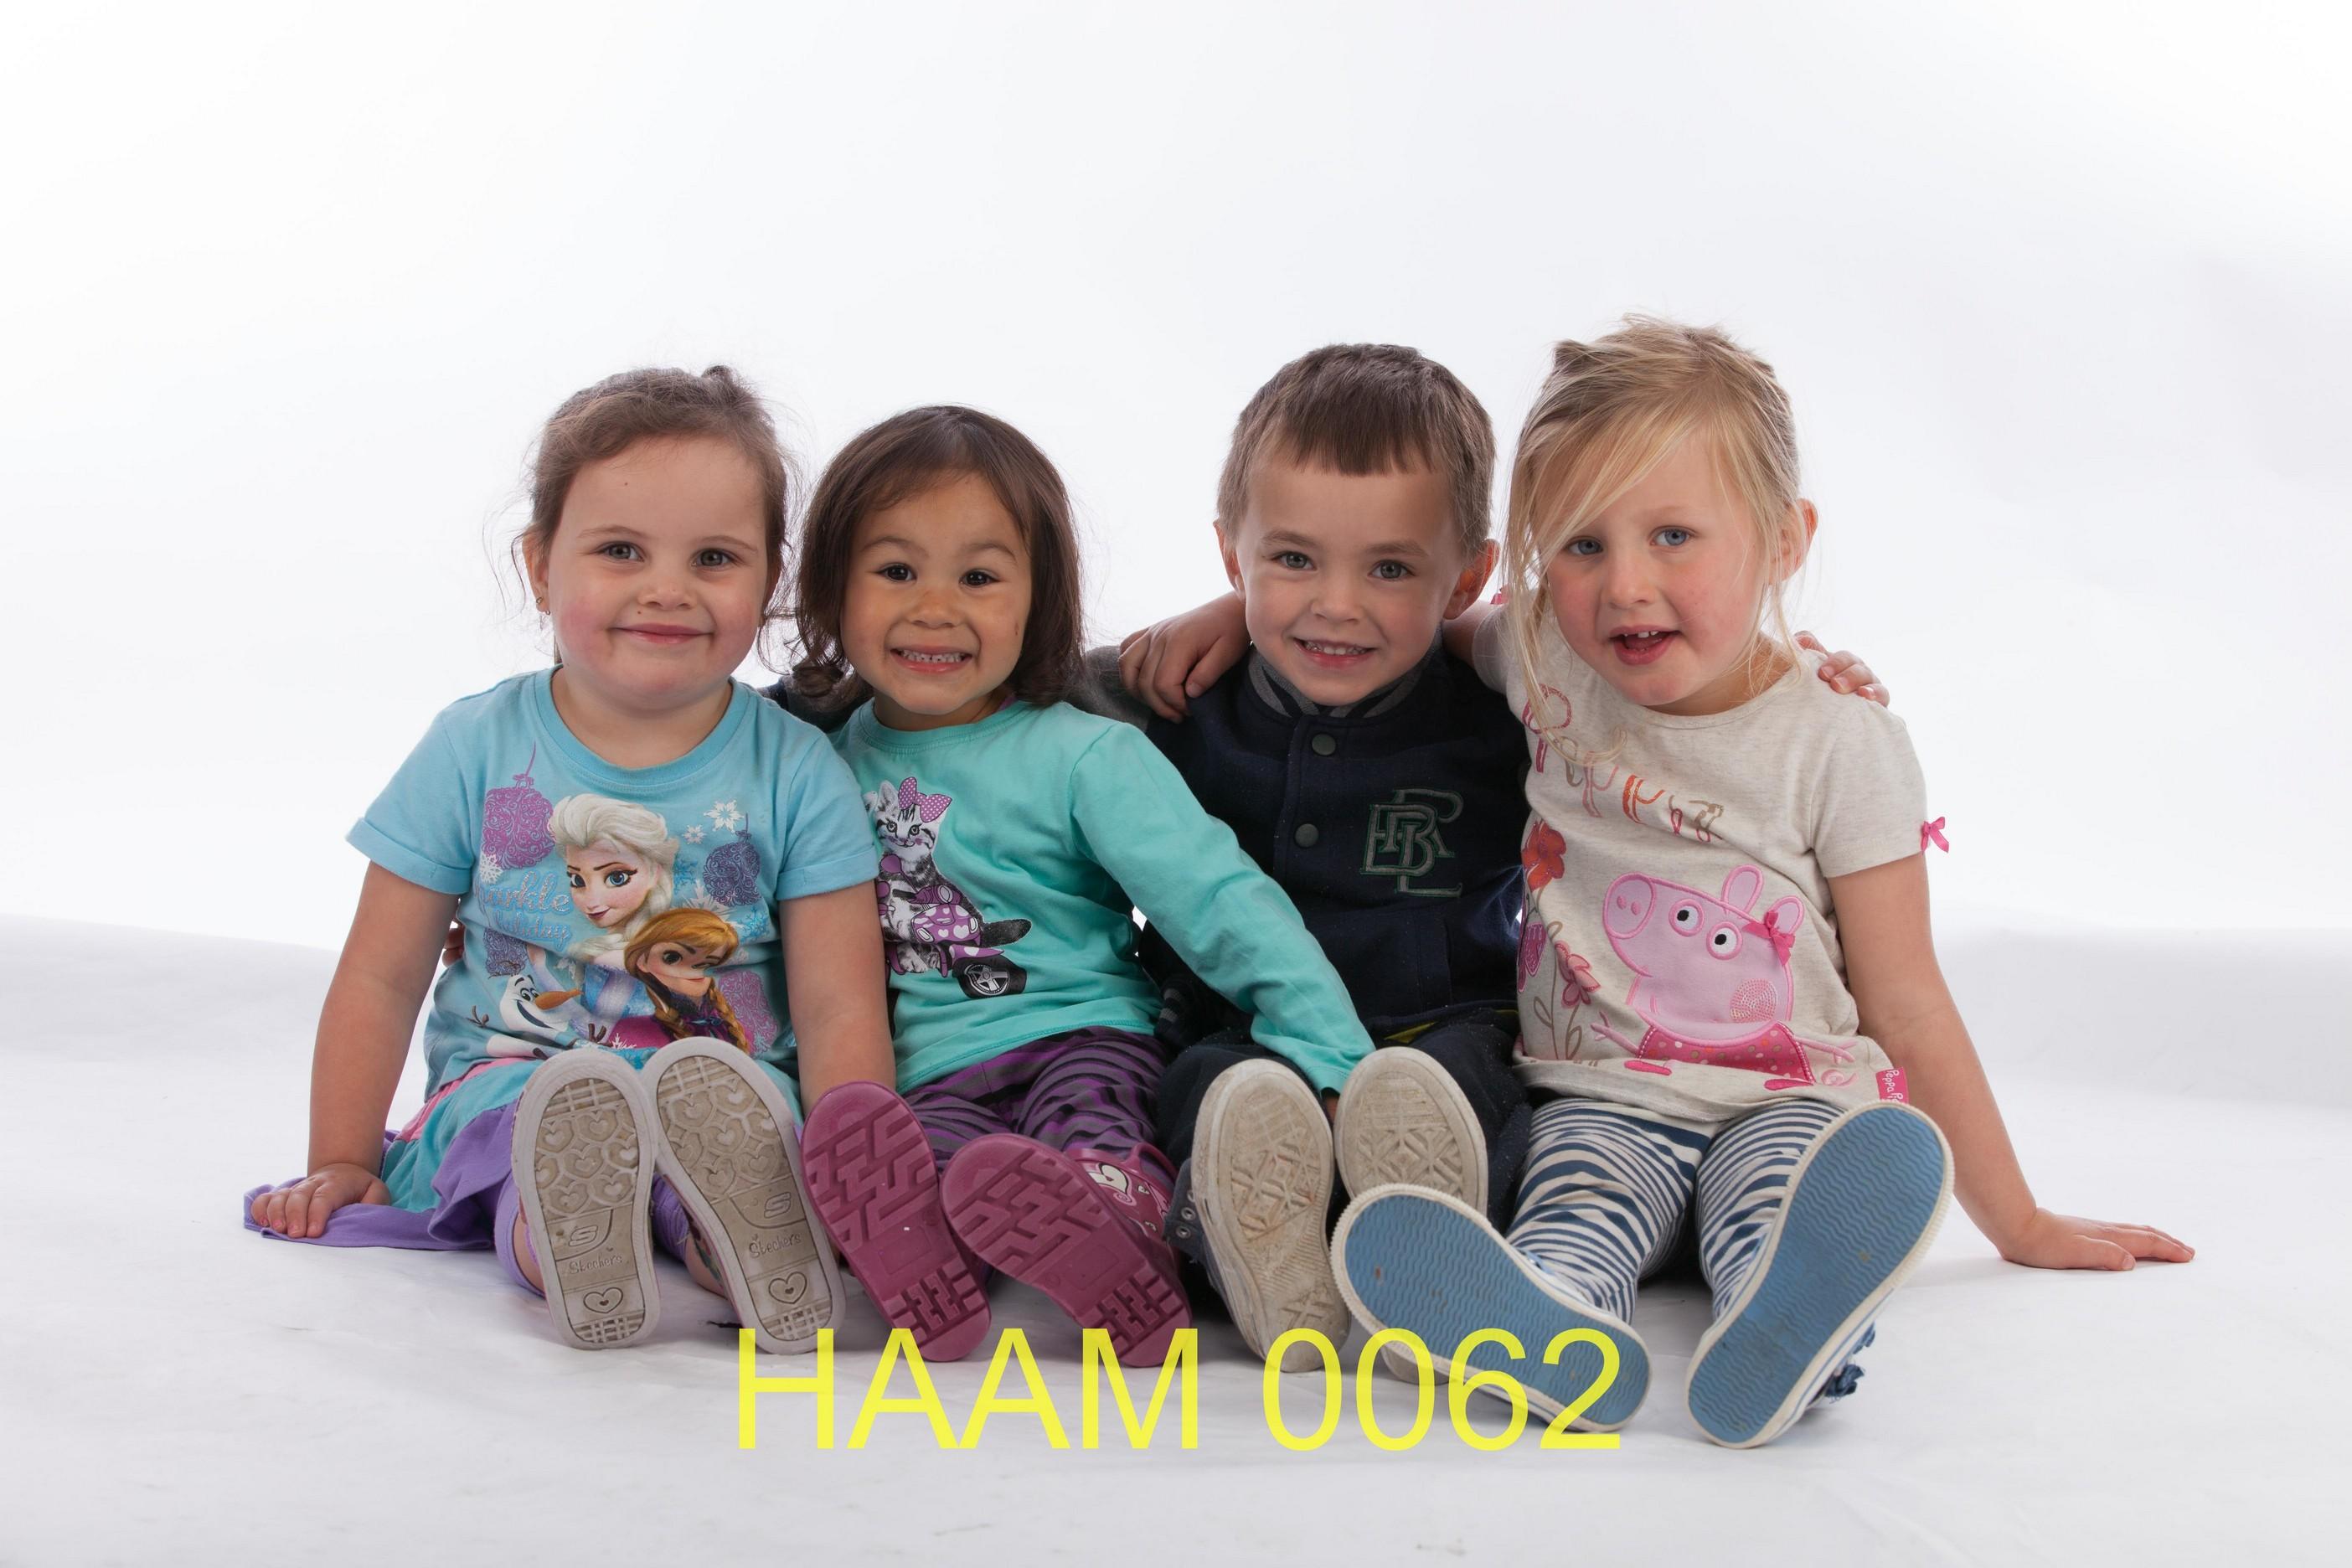 HAAM 0062